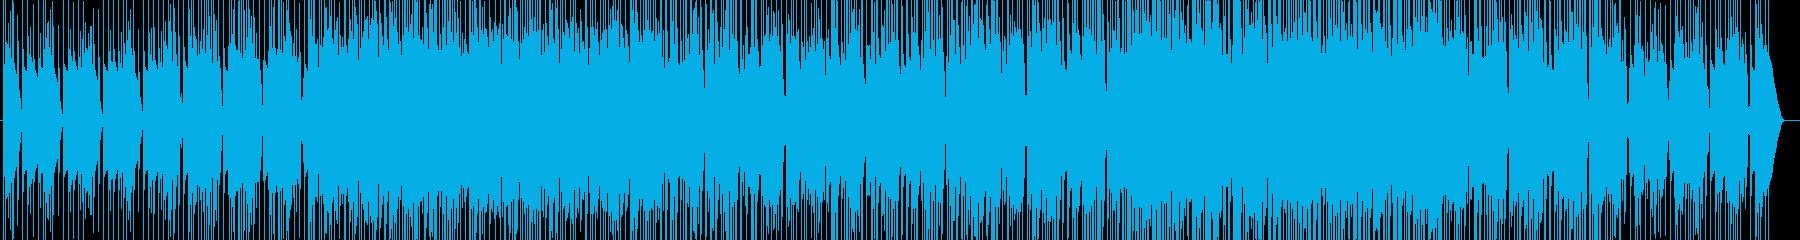 様々なリズムが折り重なっておりBGMの再生済みの波形